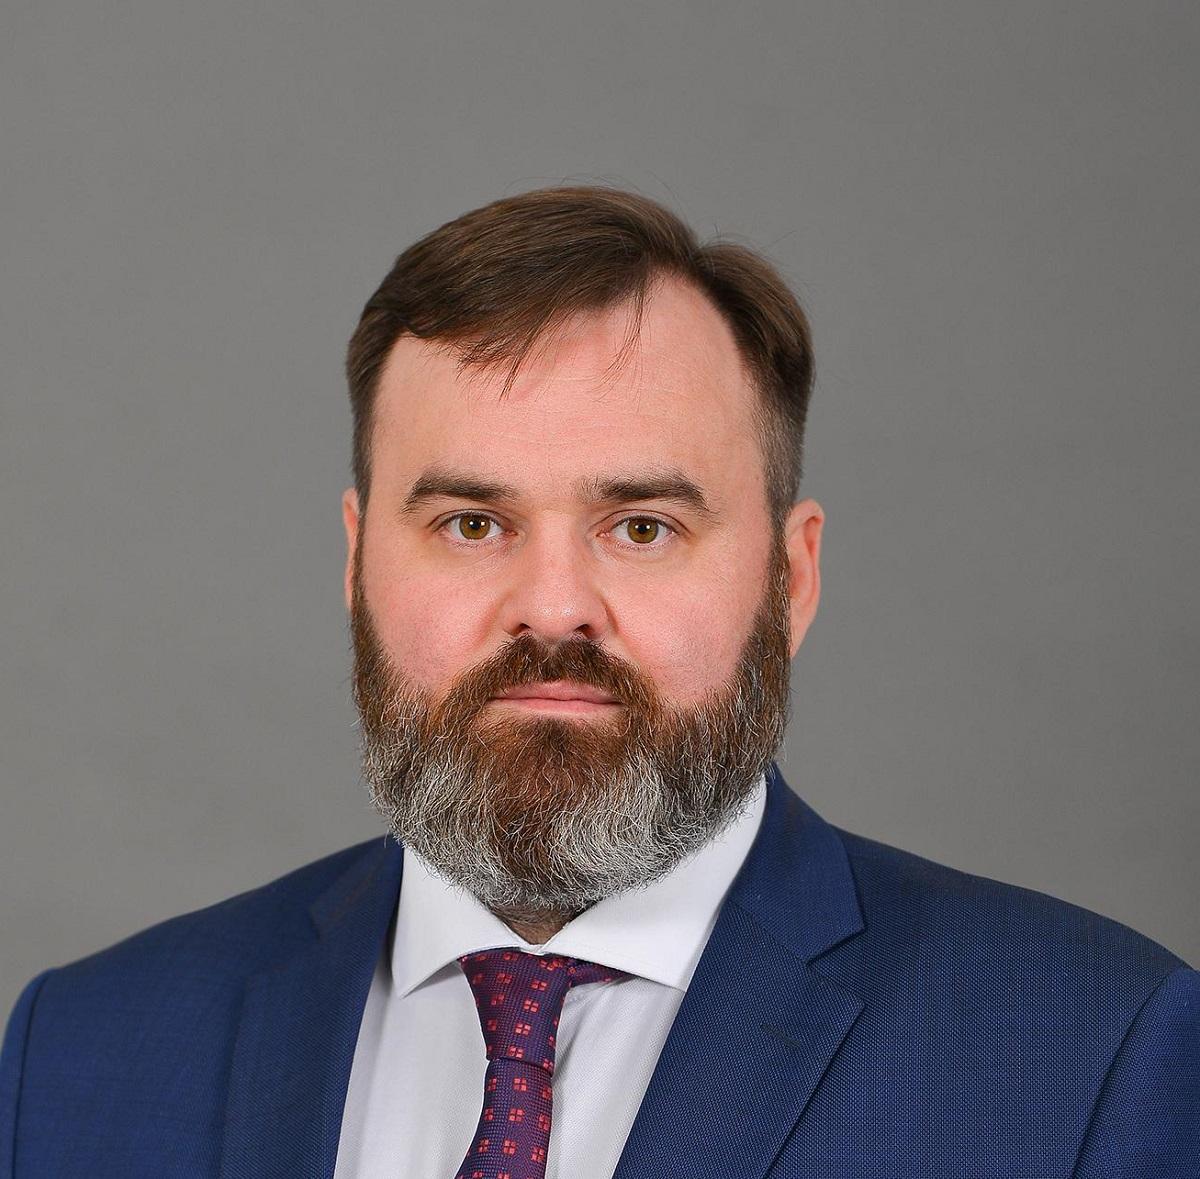 Андрей Бетин: «Мыдолжны направить энергию госслужащих нарешение стратегических задач»